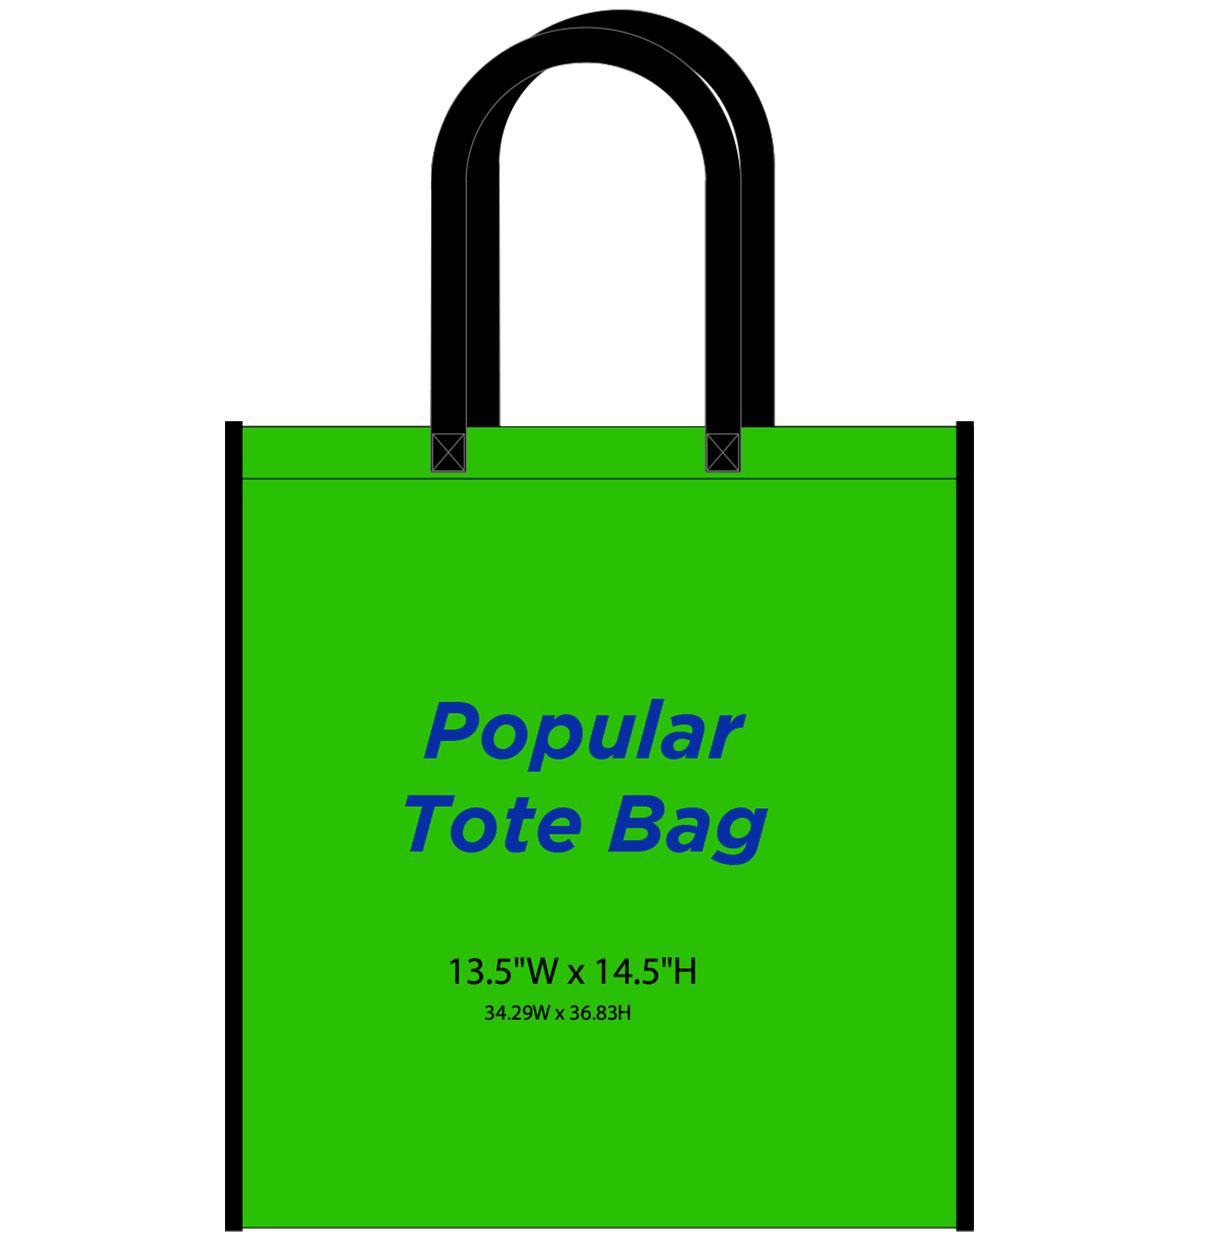 Popular Tote Bag